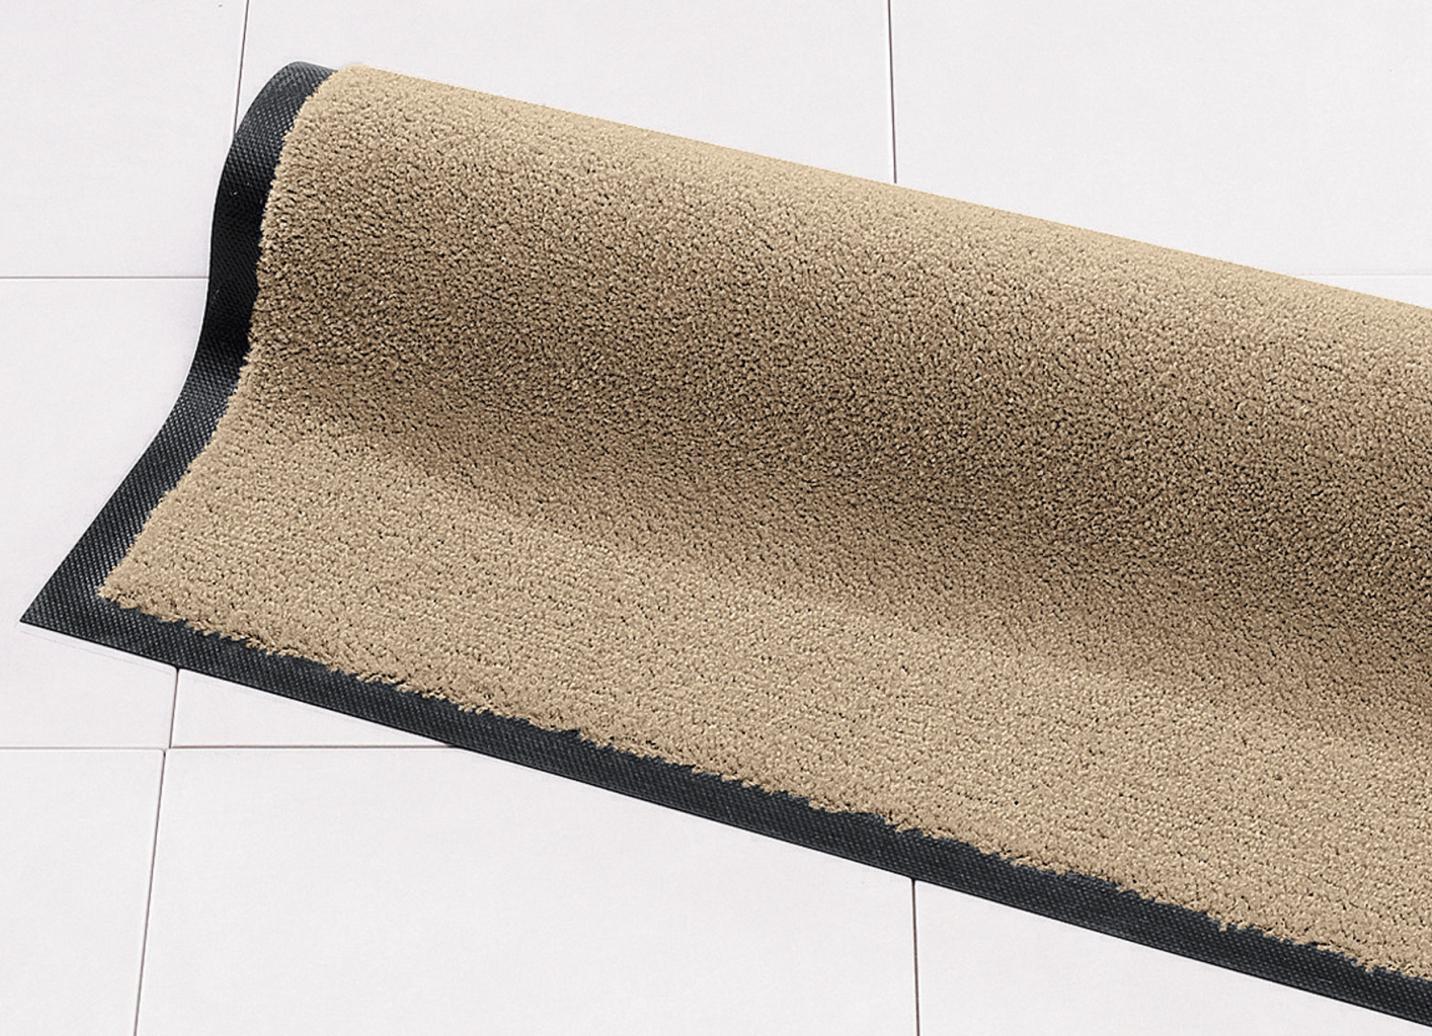 Schmutzfangmatten für innen und außen, Größe 101 (Matte, 40x 60 cm), Beige